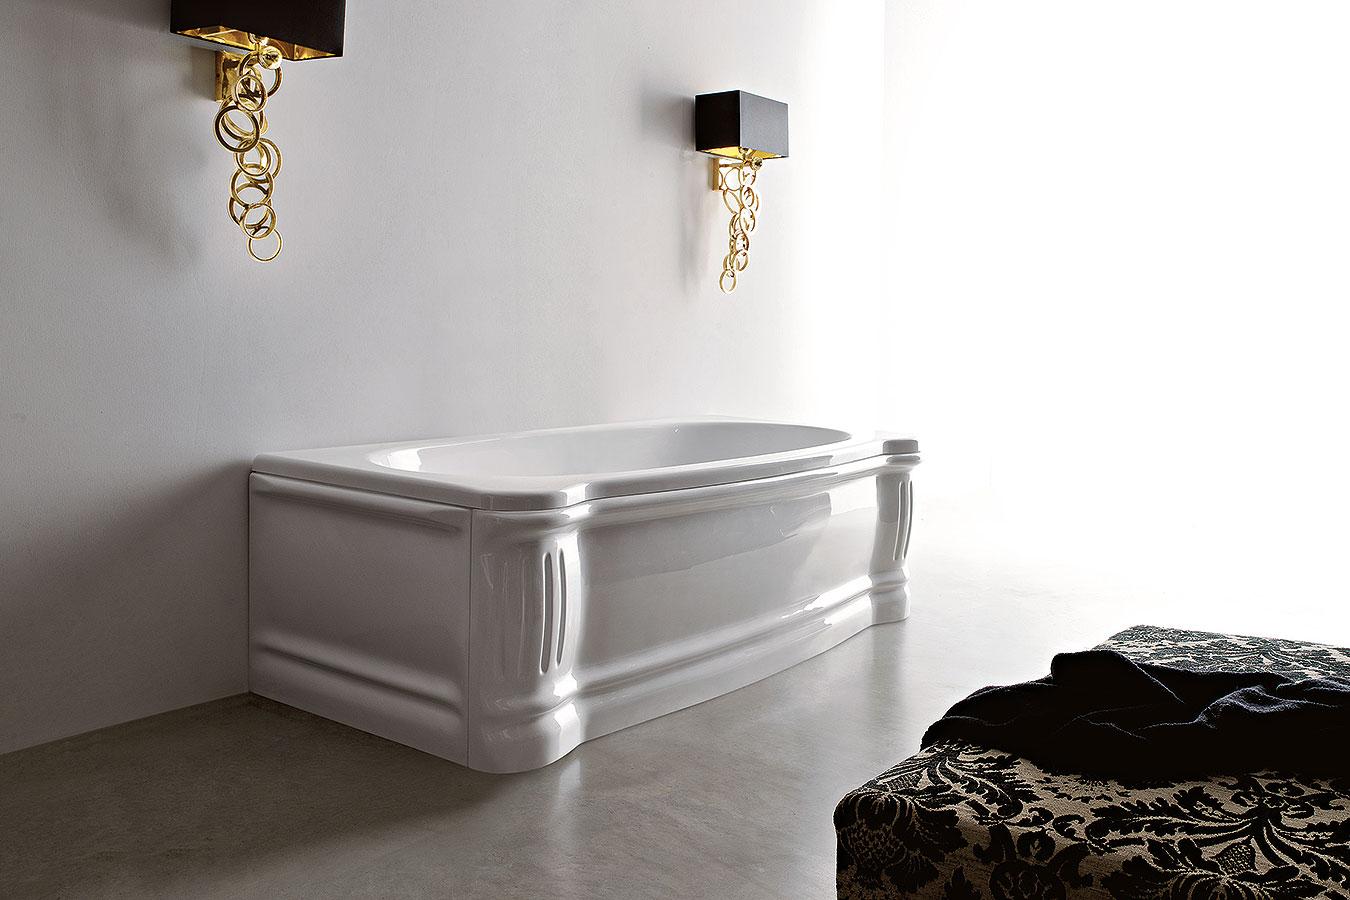 Vasche Classiche - Edilceramiche di Maccanò